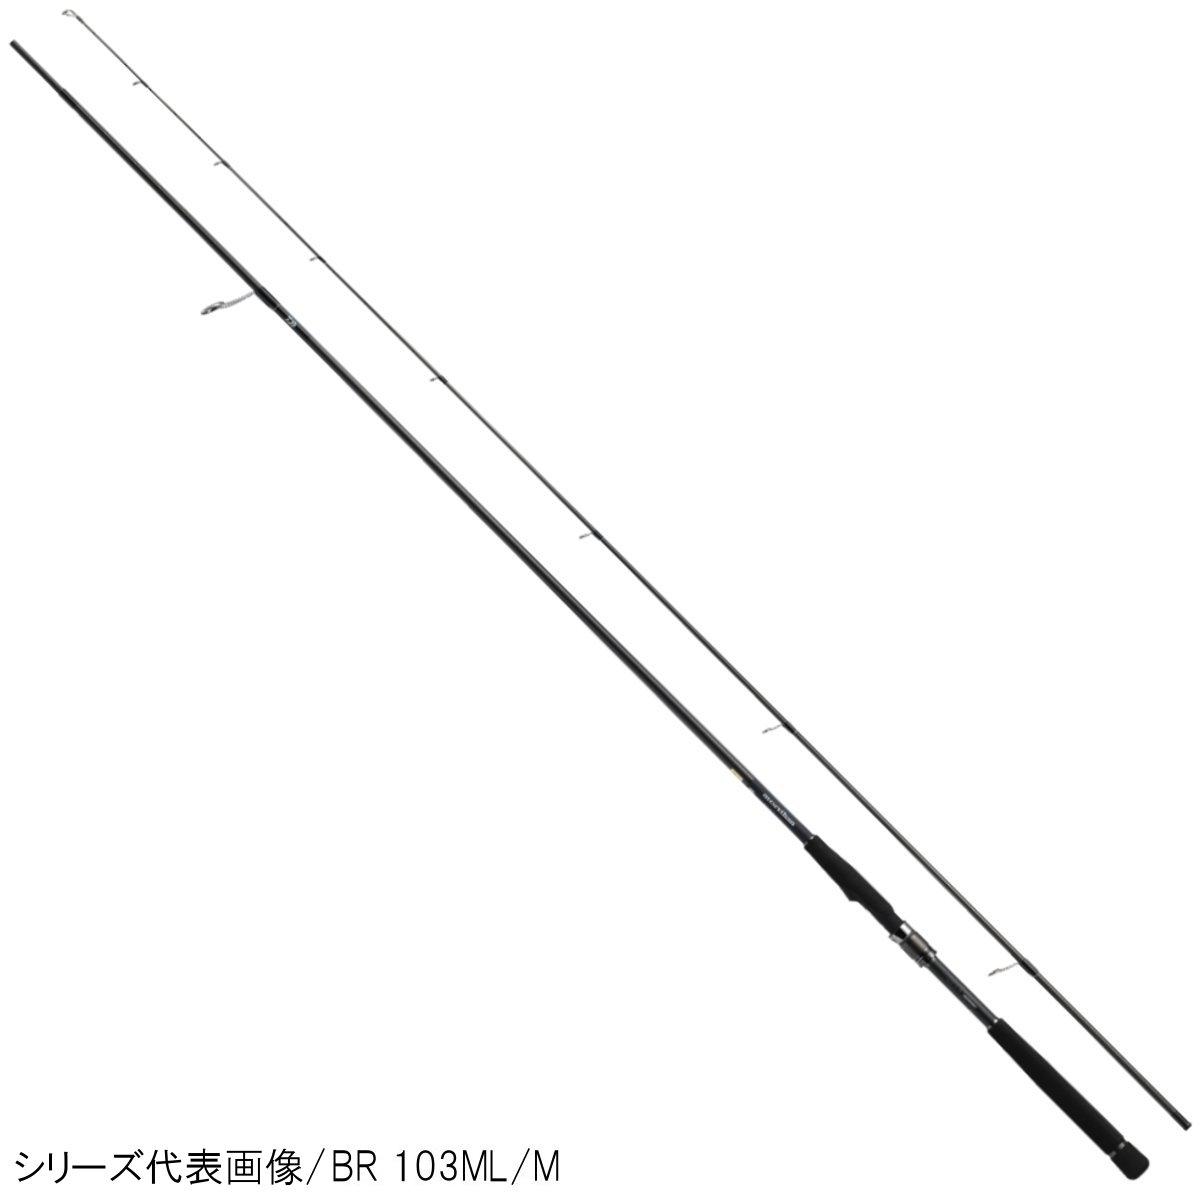 ダイワ モアザン(スピニングモデル) BR 1010M/MH【大型商品】